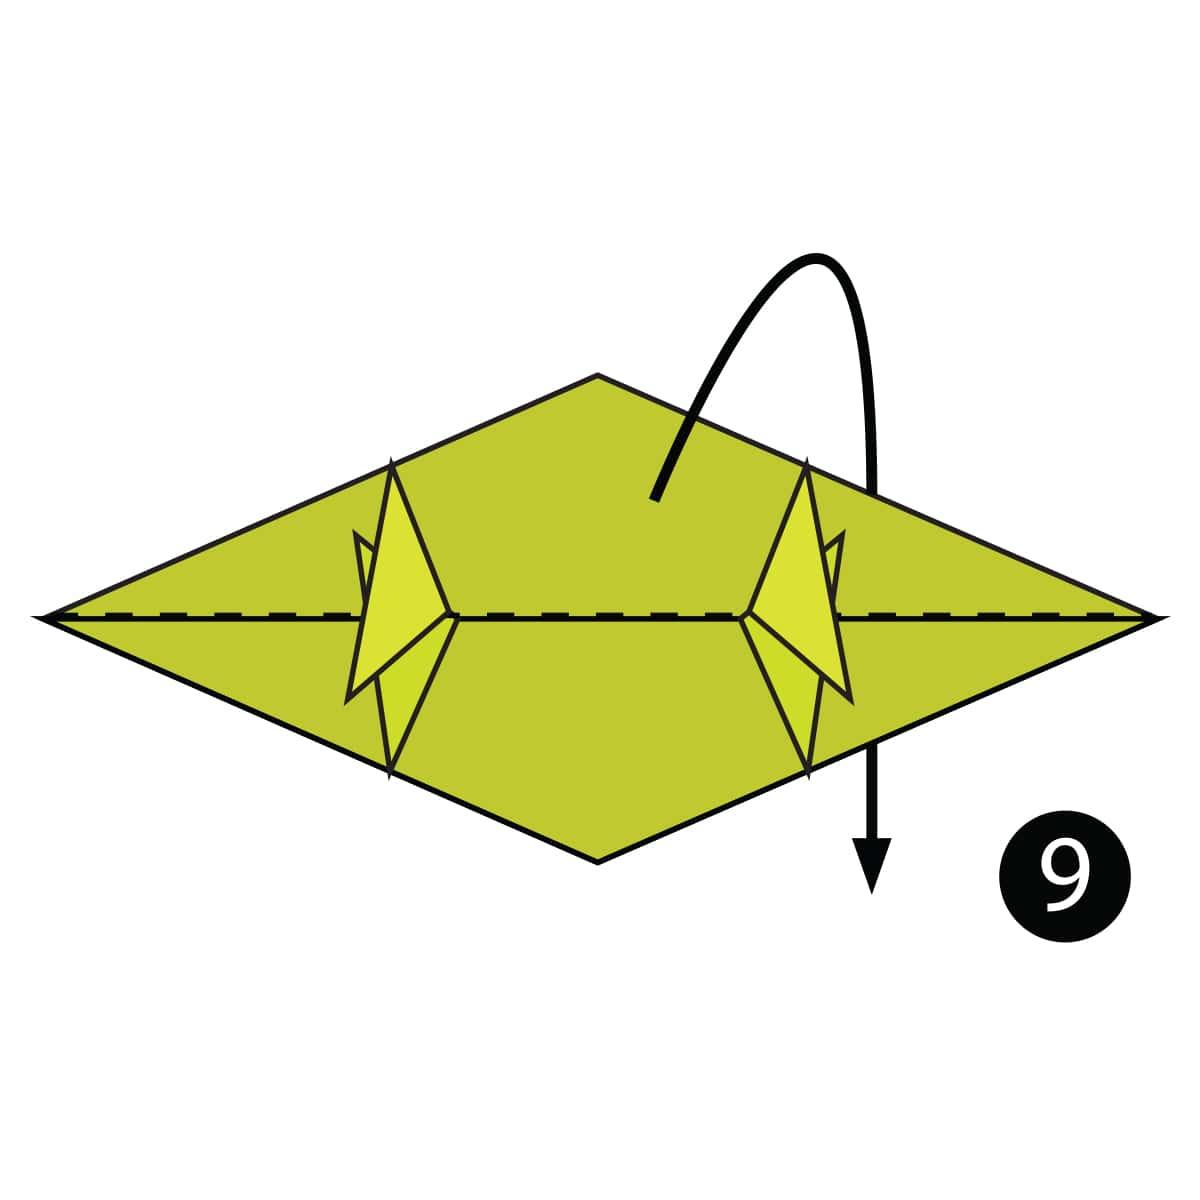 Chameleon Step 9